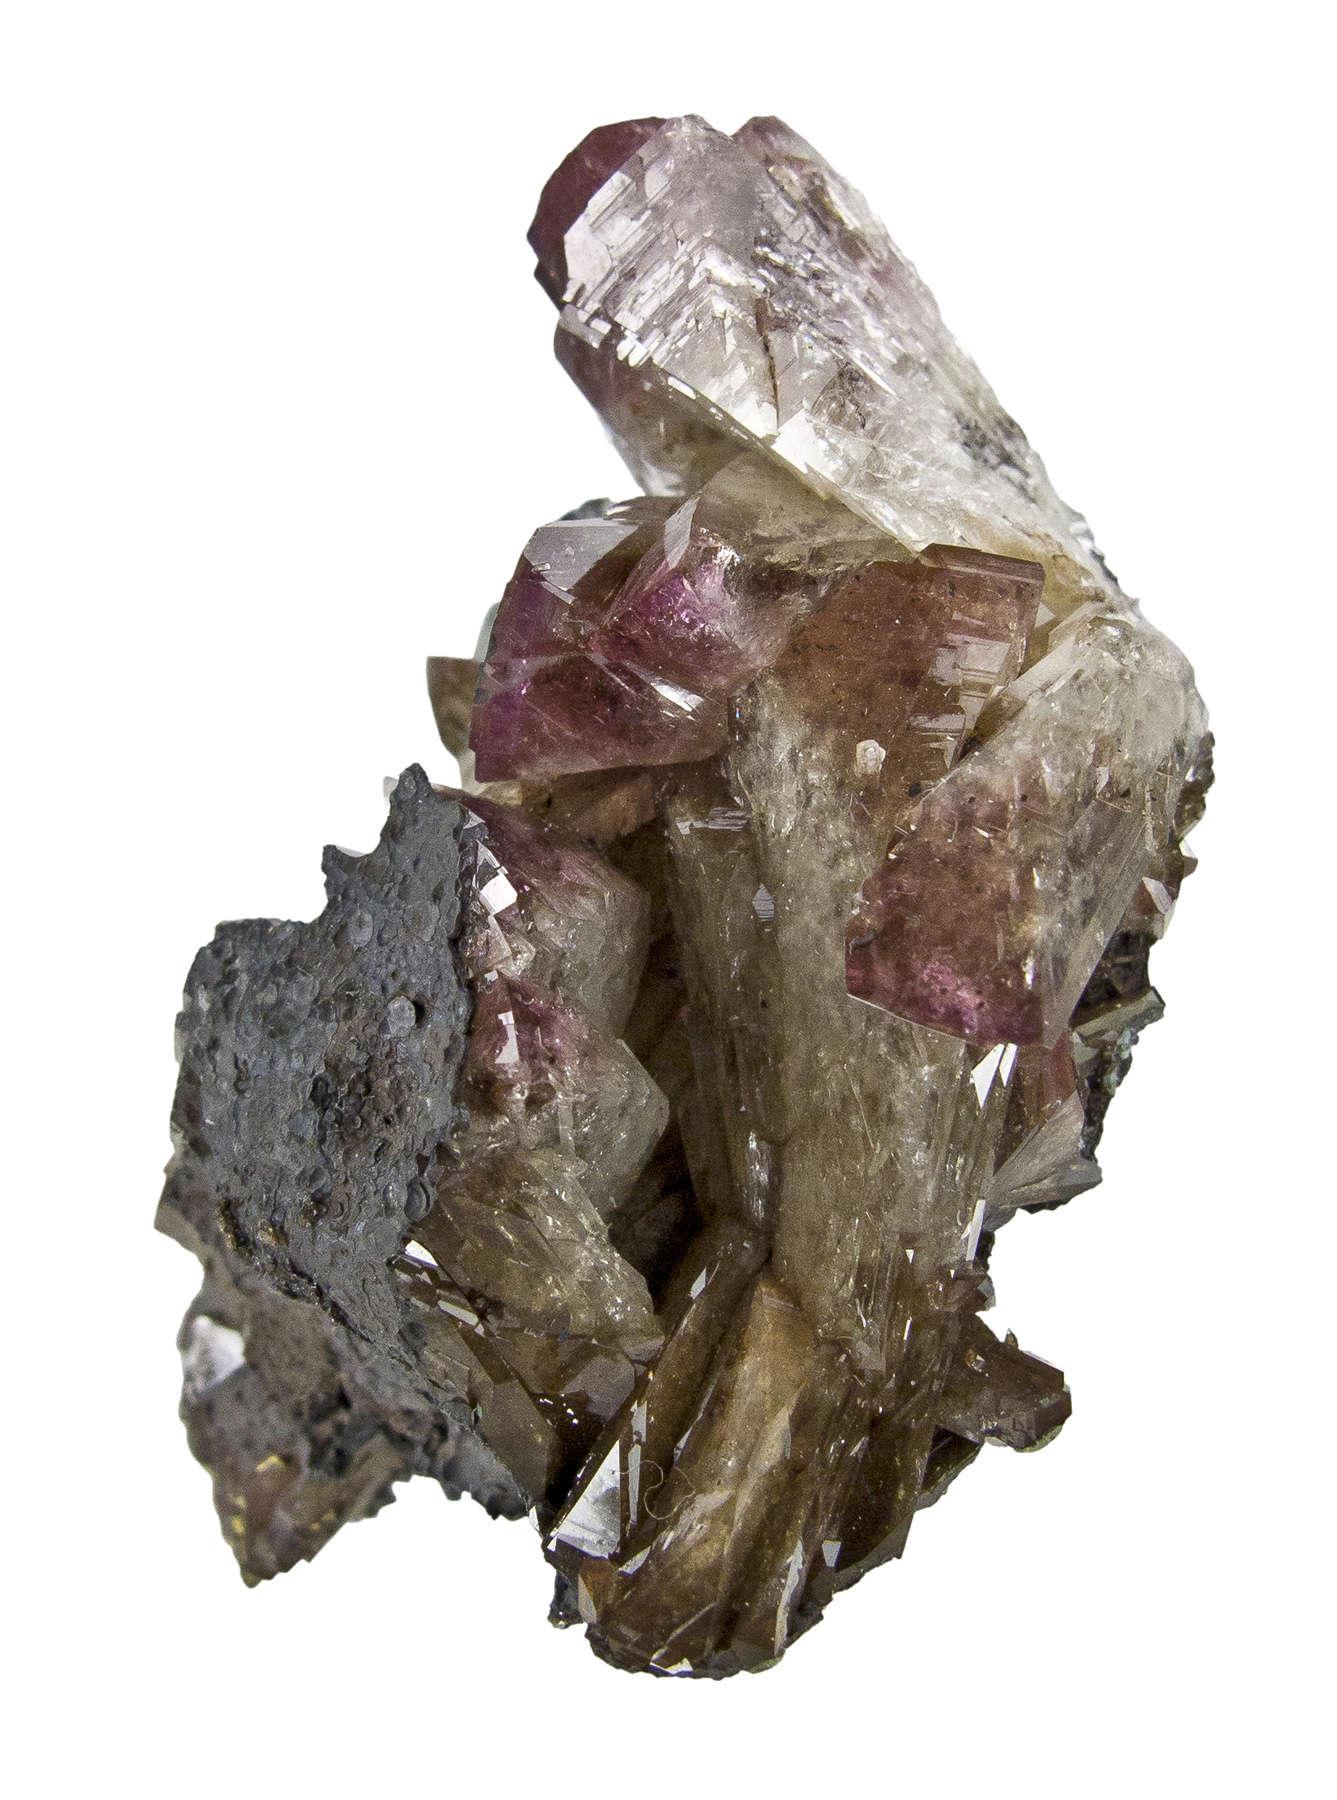 Perched high matrix manganese oxides host rock crystals manganoan